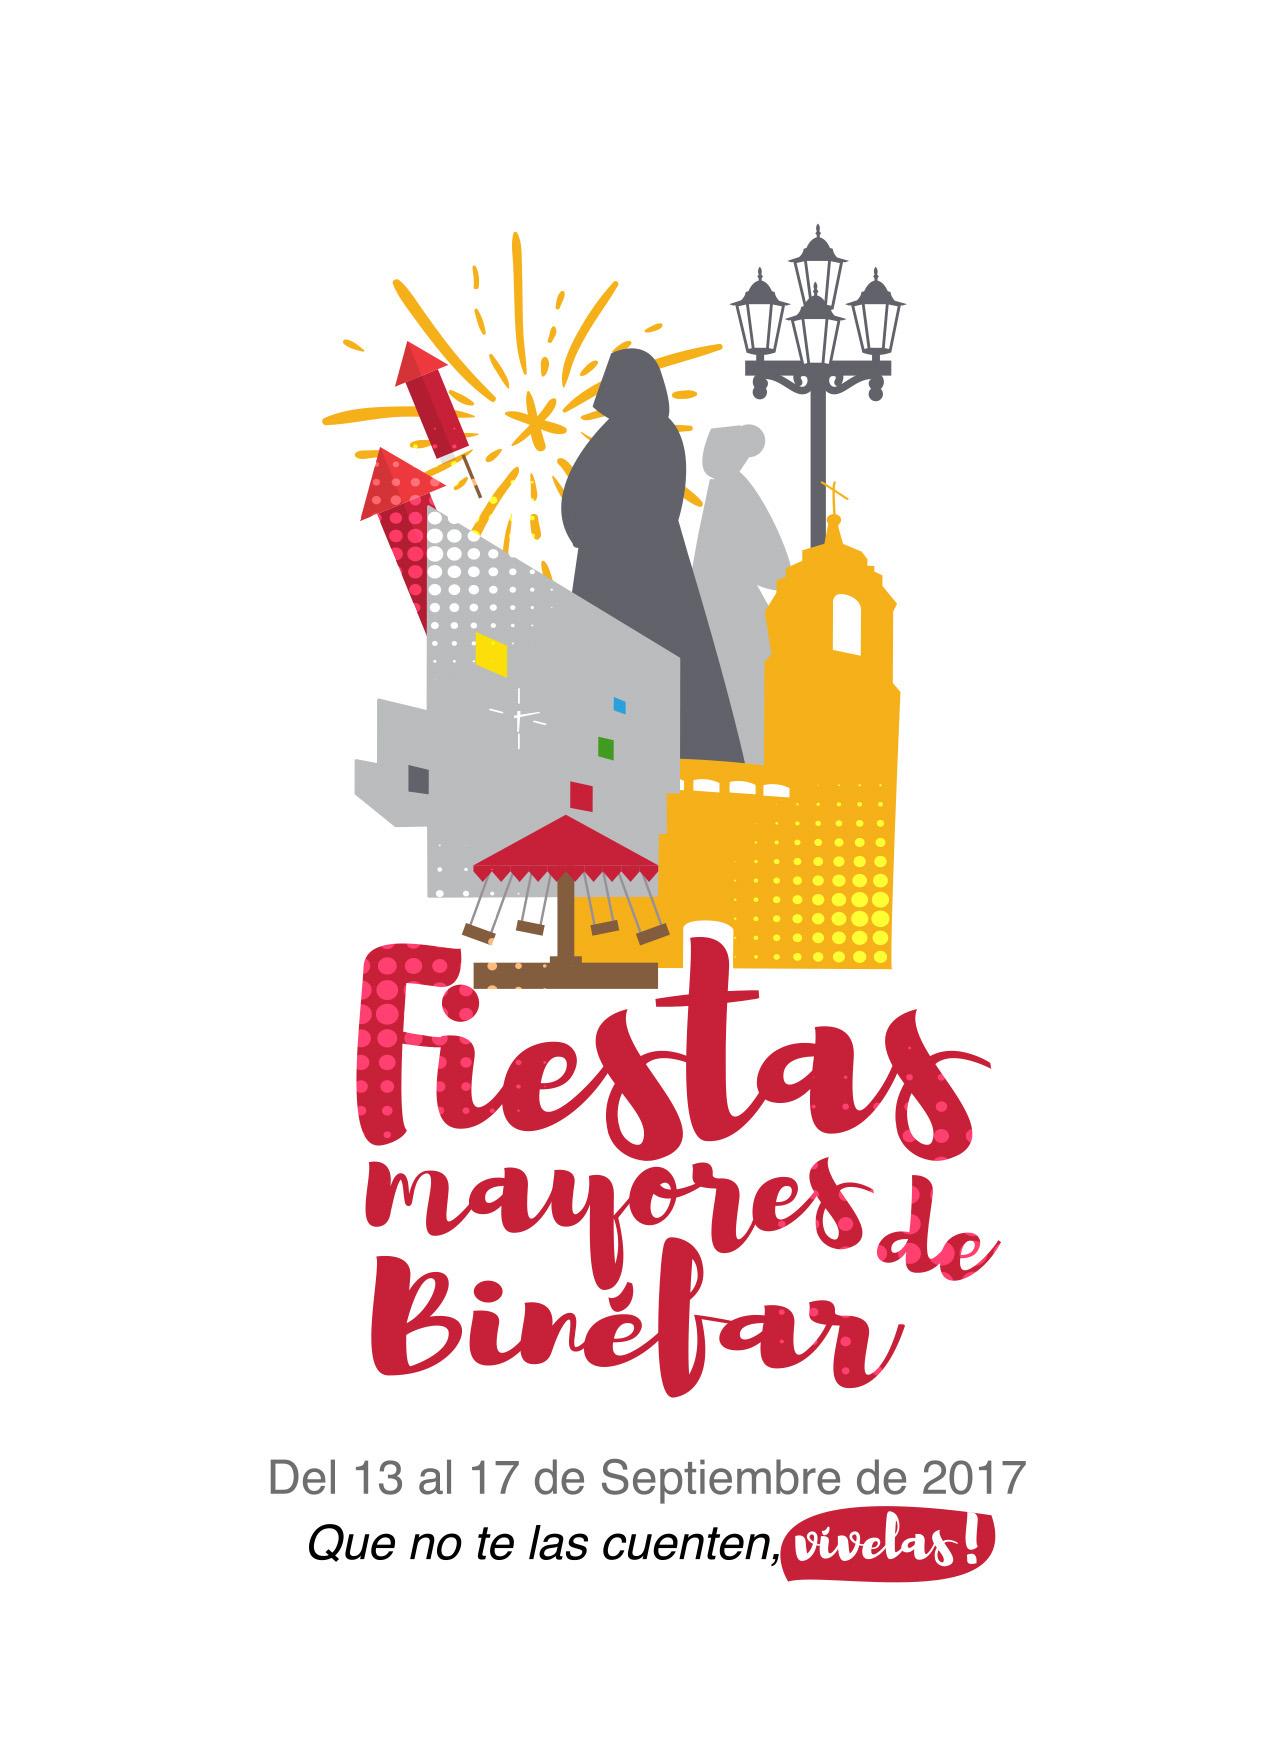 Portet-sur-Garonne será la invitada a dar el pregón de fiestas mayores de Binéfar